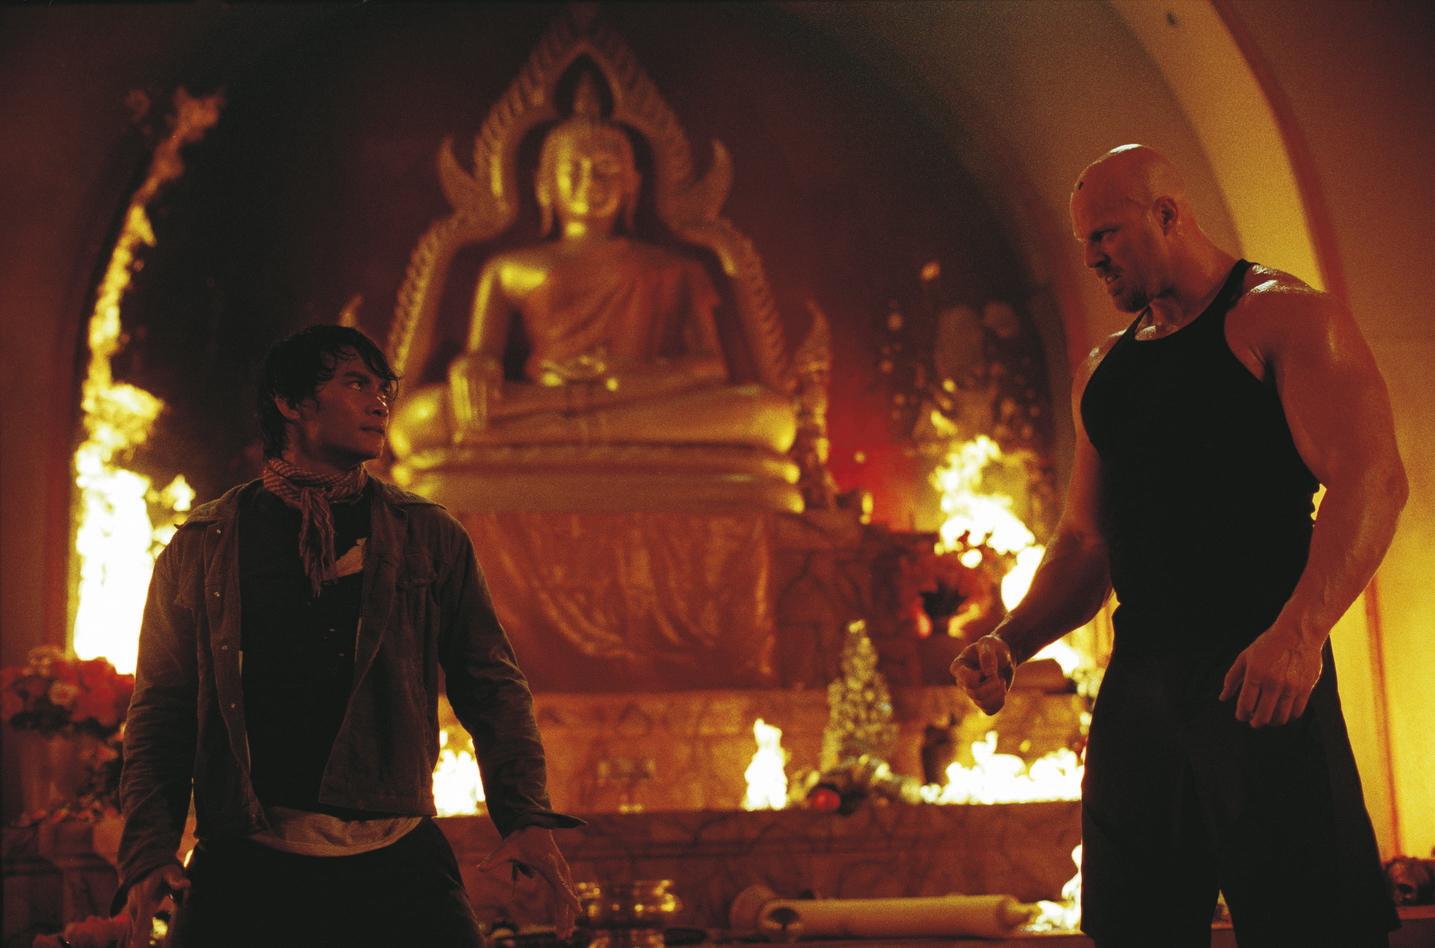 Фильм Врата дракона 2011 смотреть онлайн бесплатно в